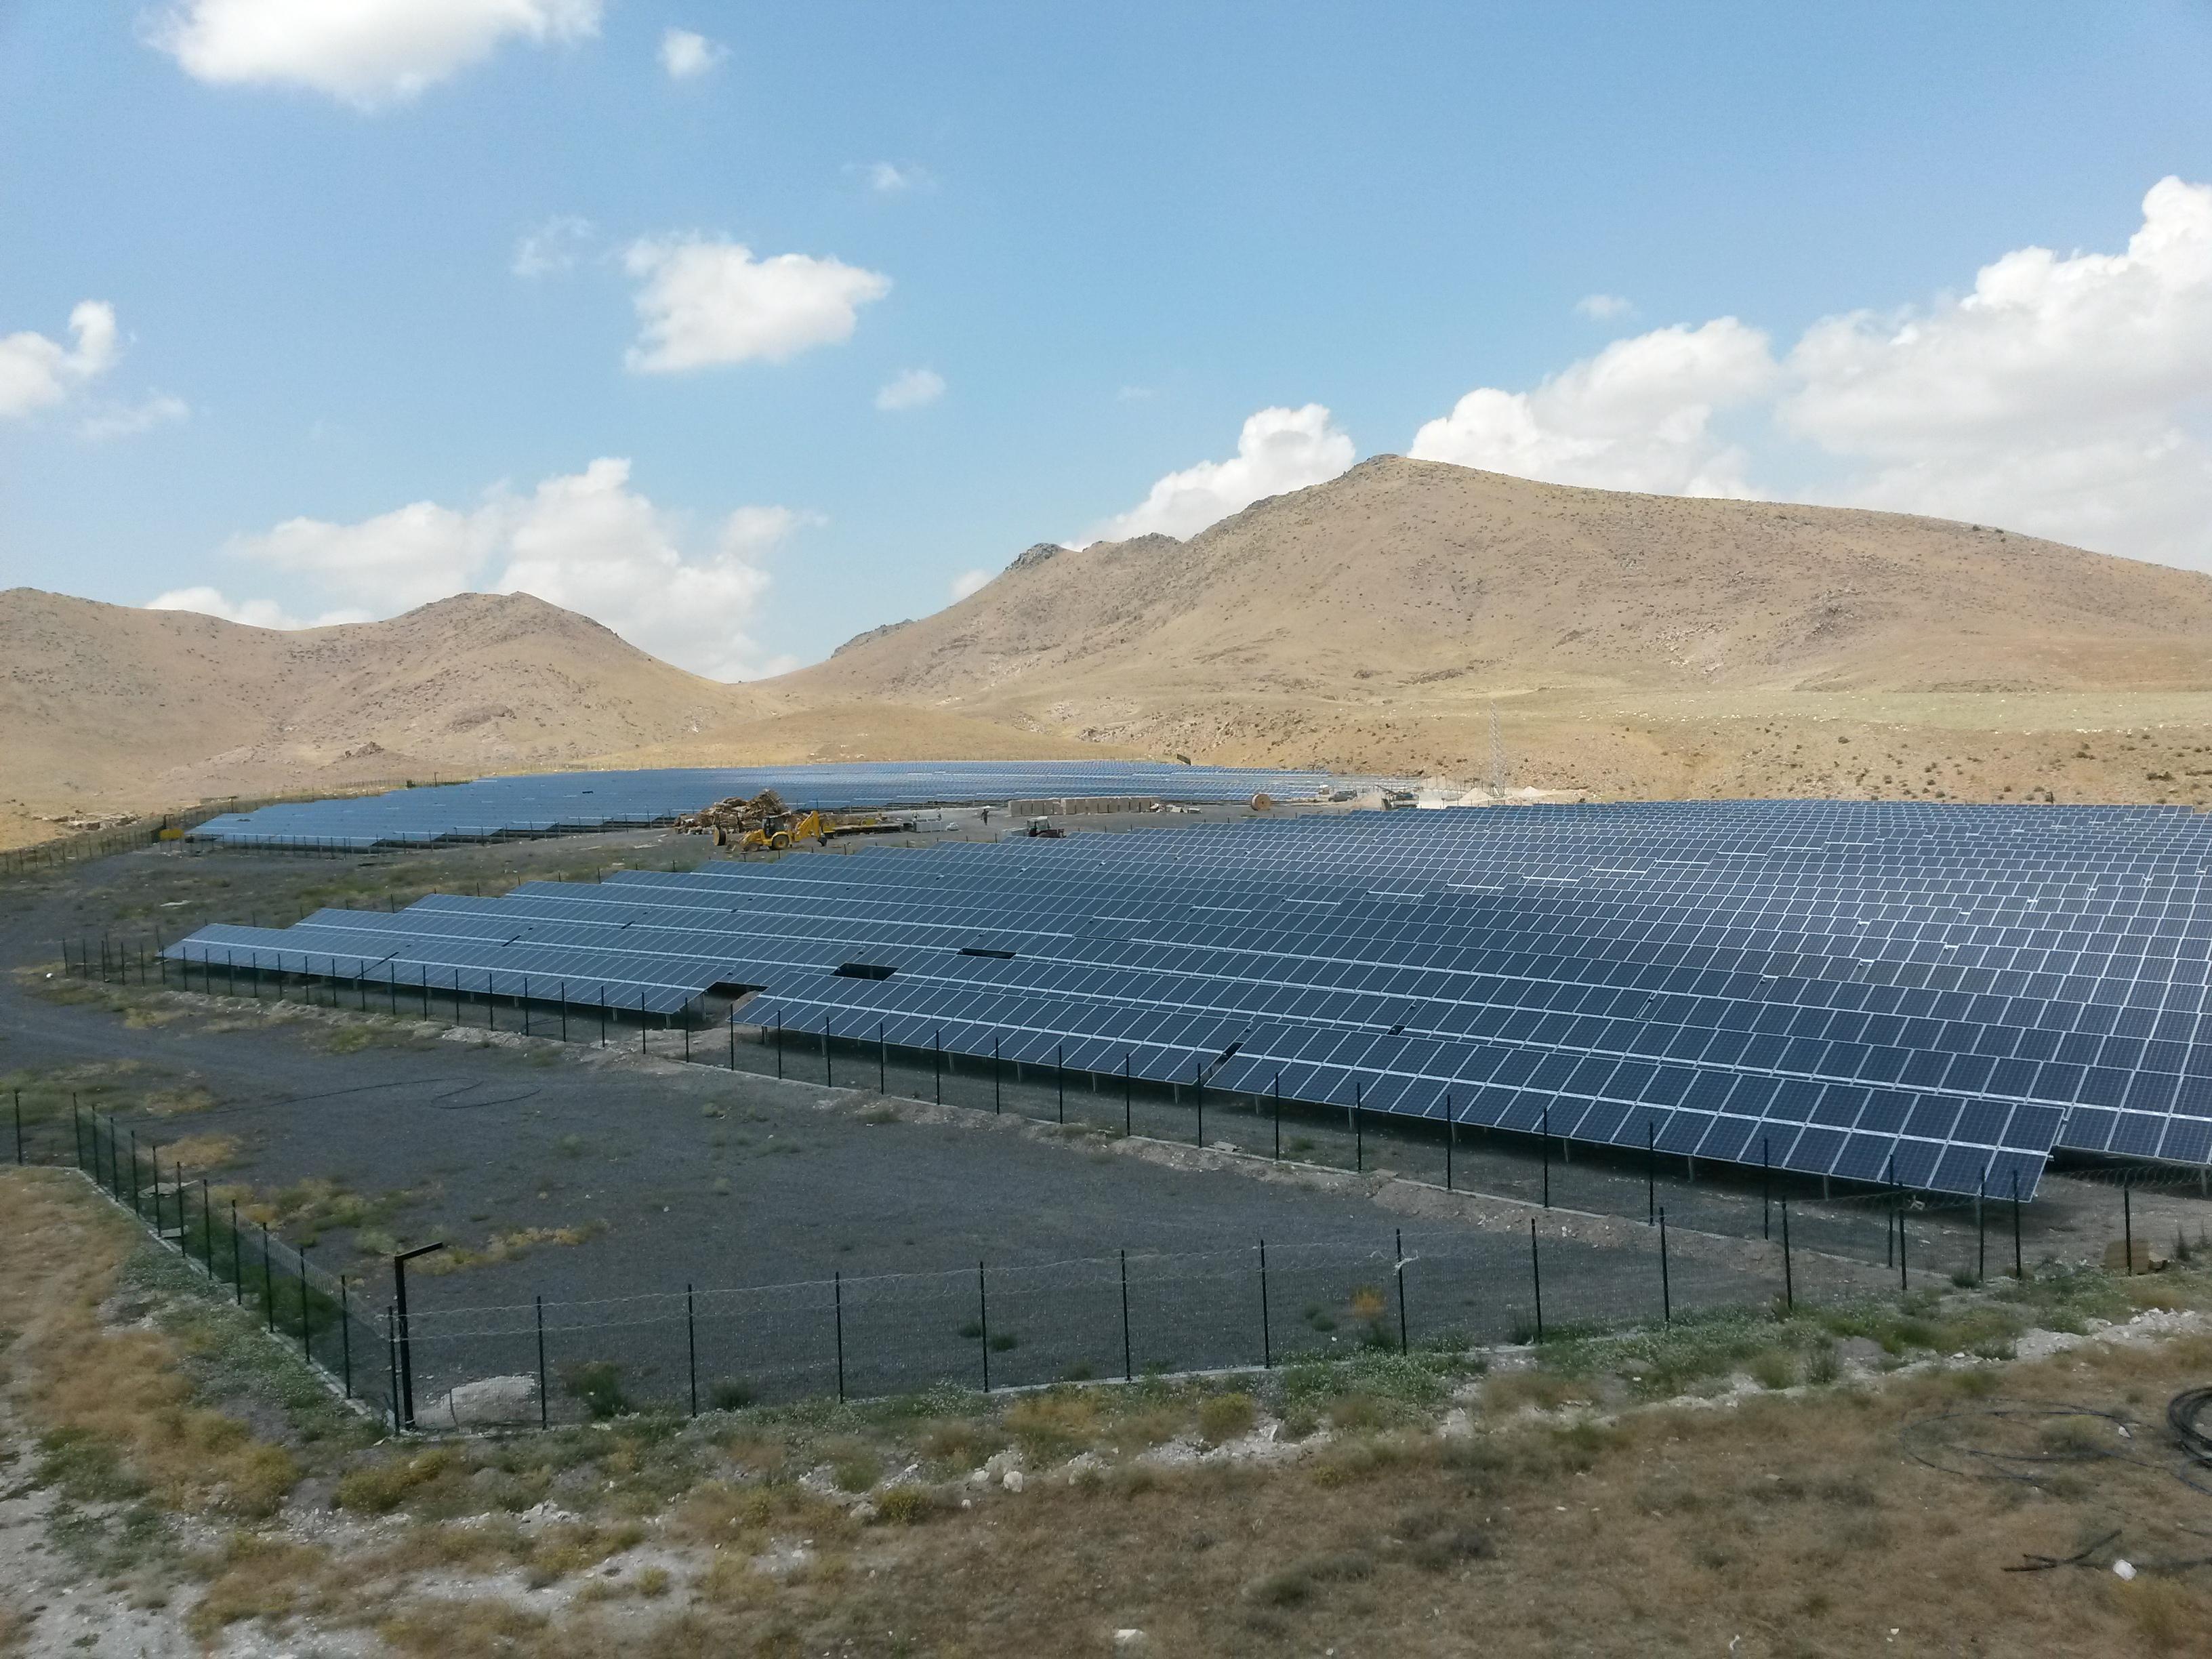 Die Türkei entdeckt ihre Potentiale bei Photovoltaik und Windkraft